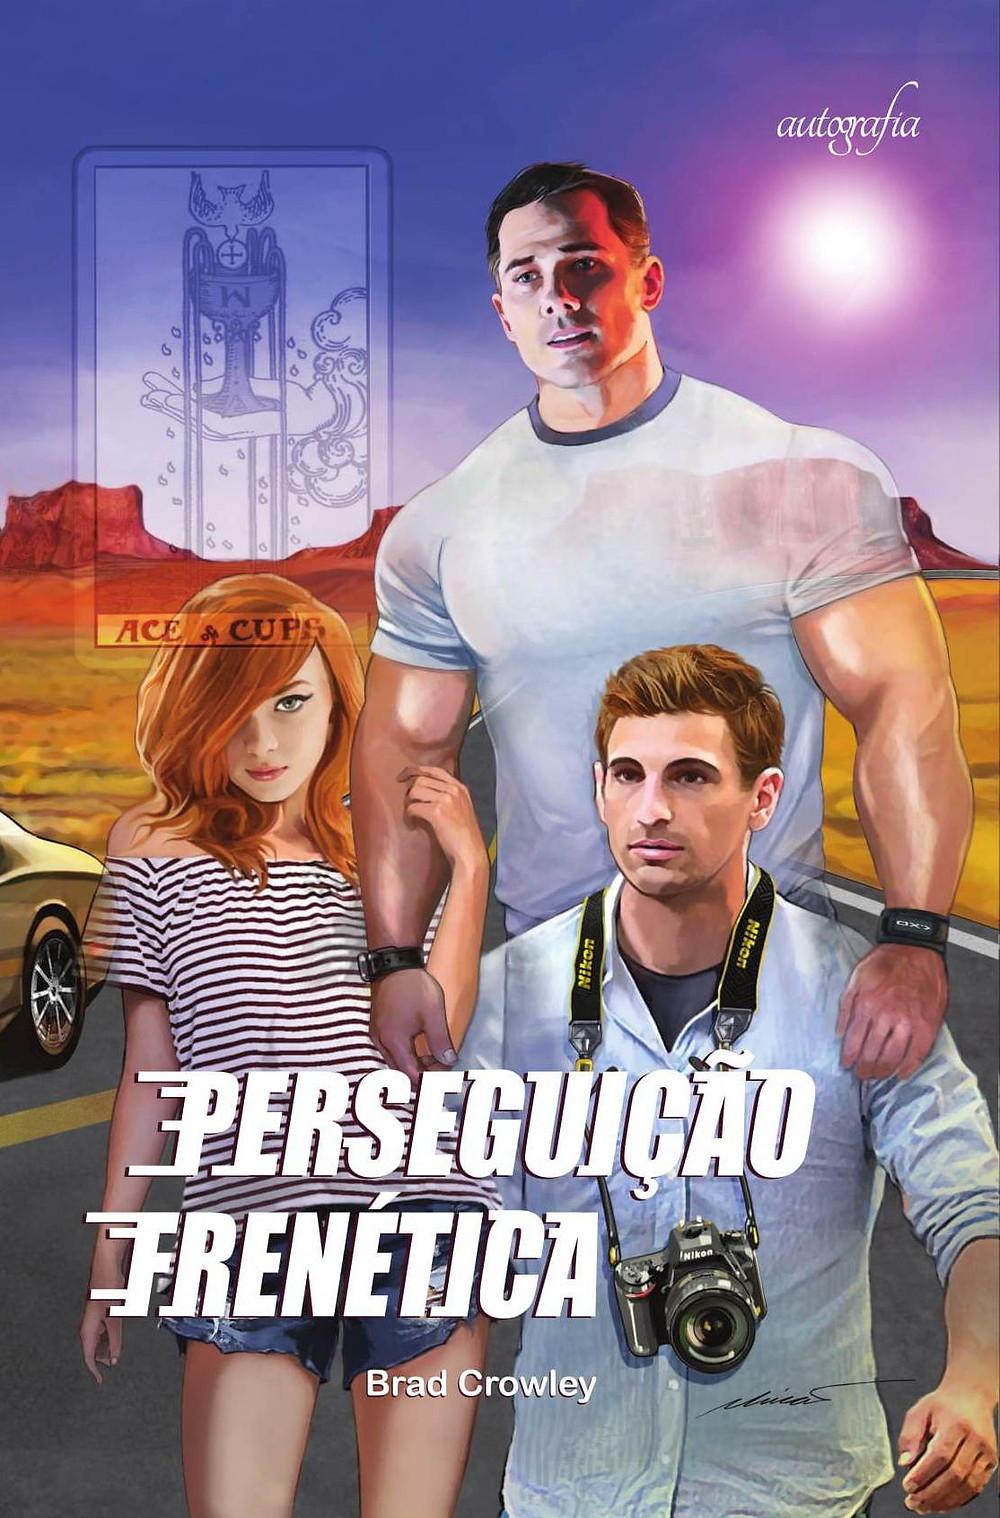 Capa do livro Perseguição Frenética, de Brad Crowley